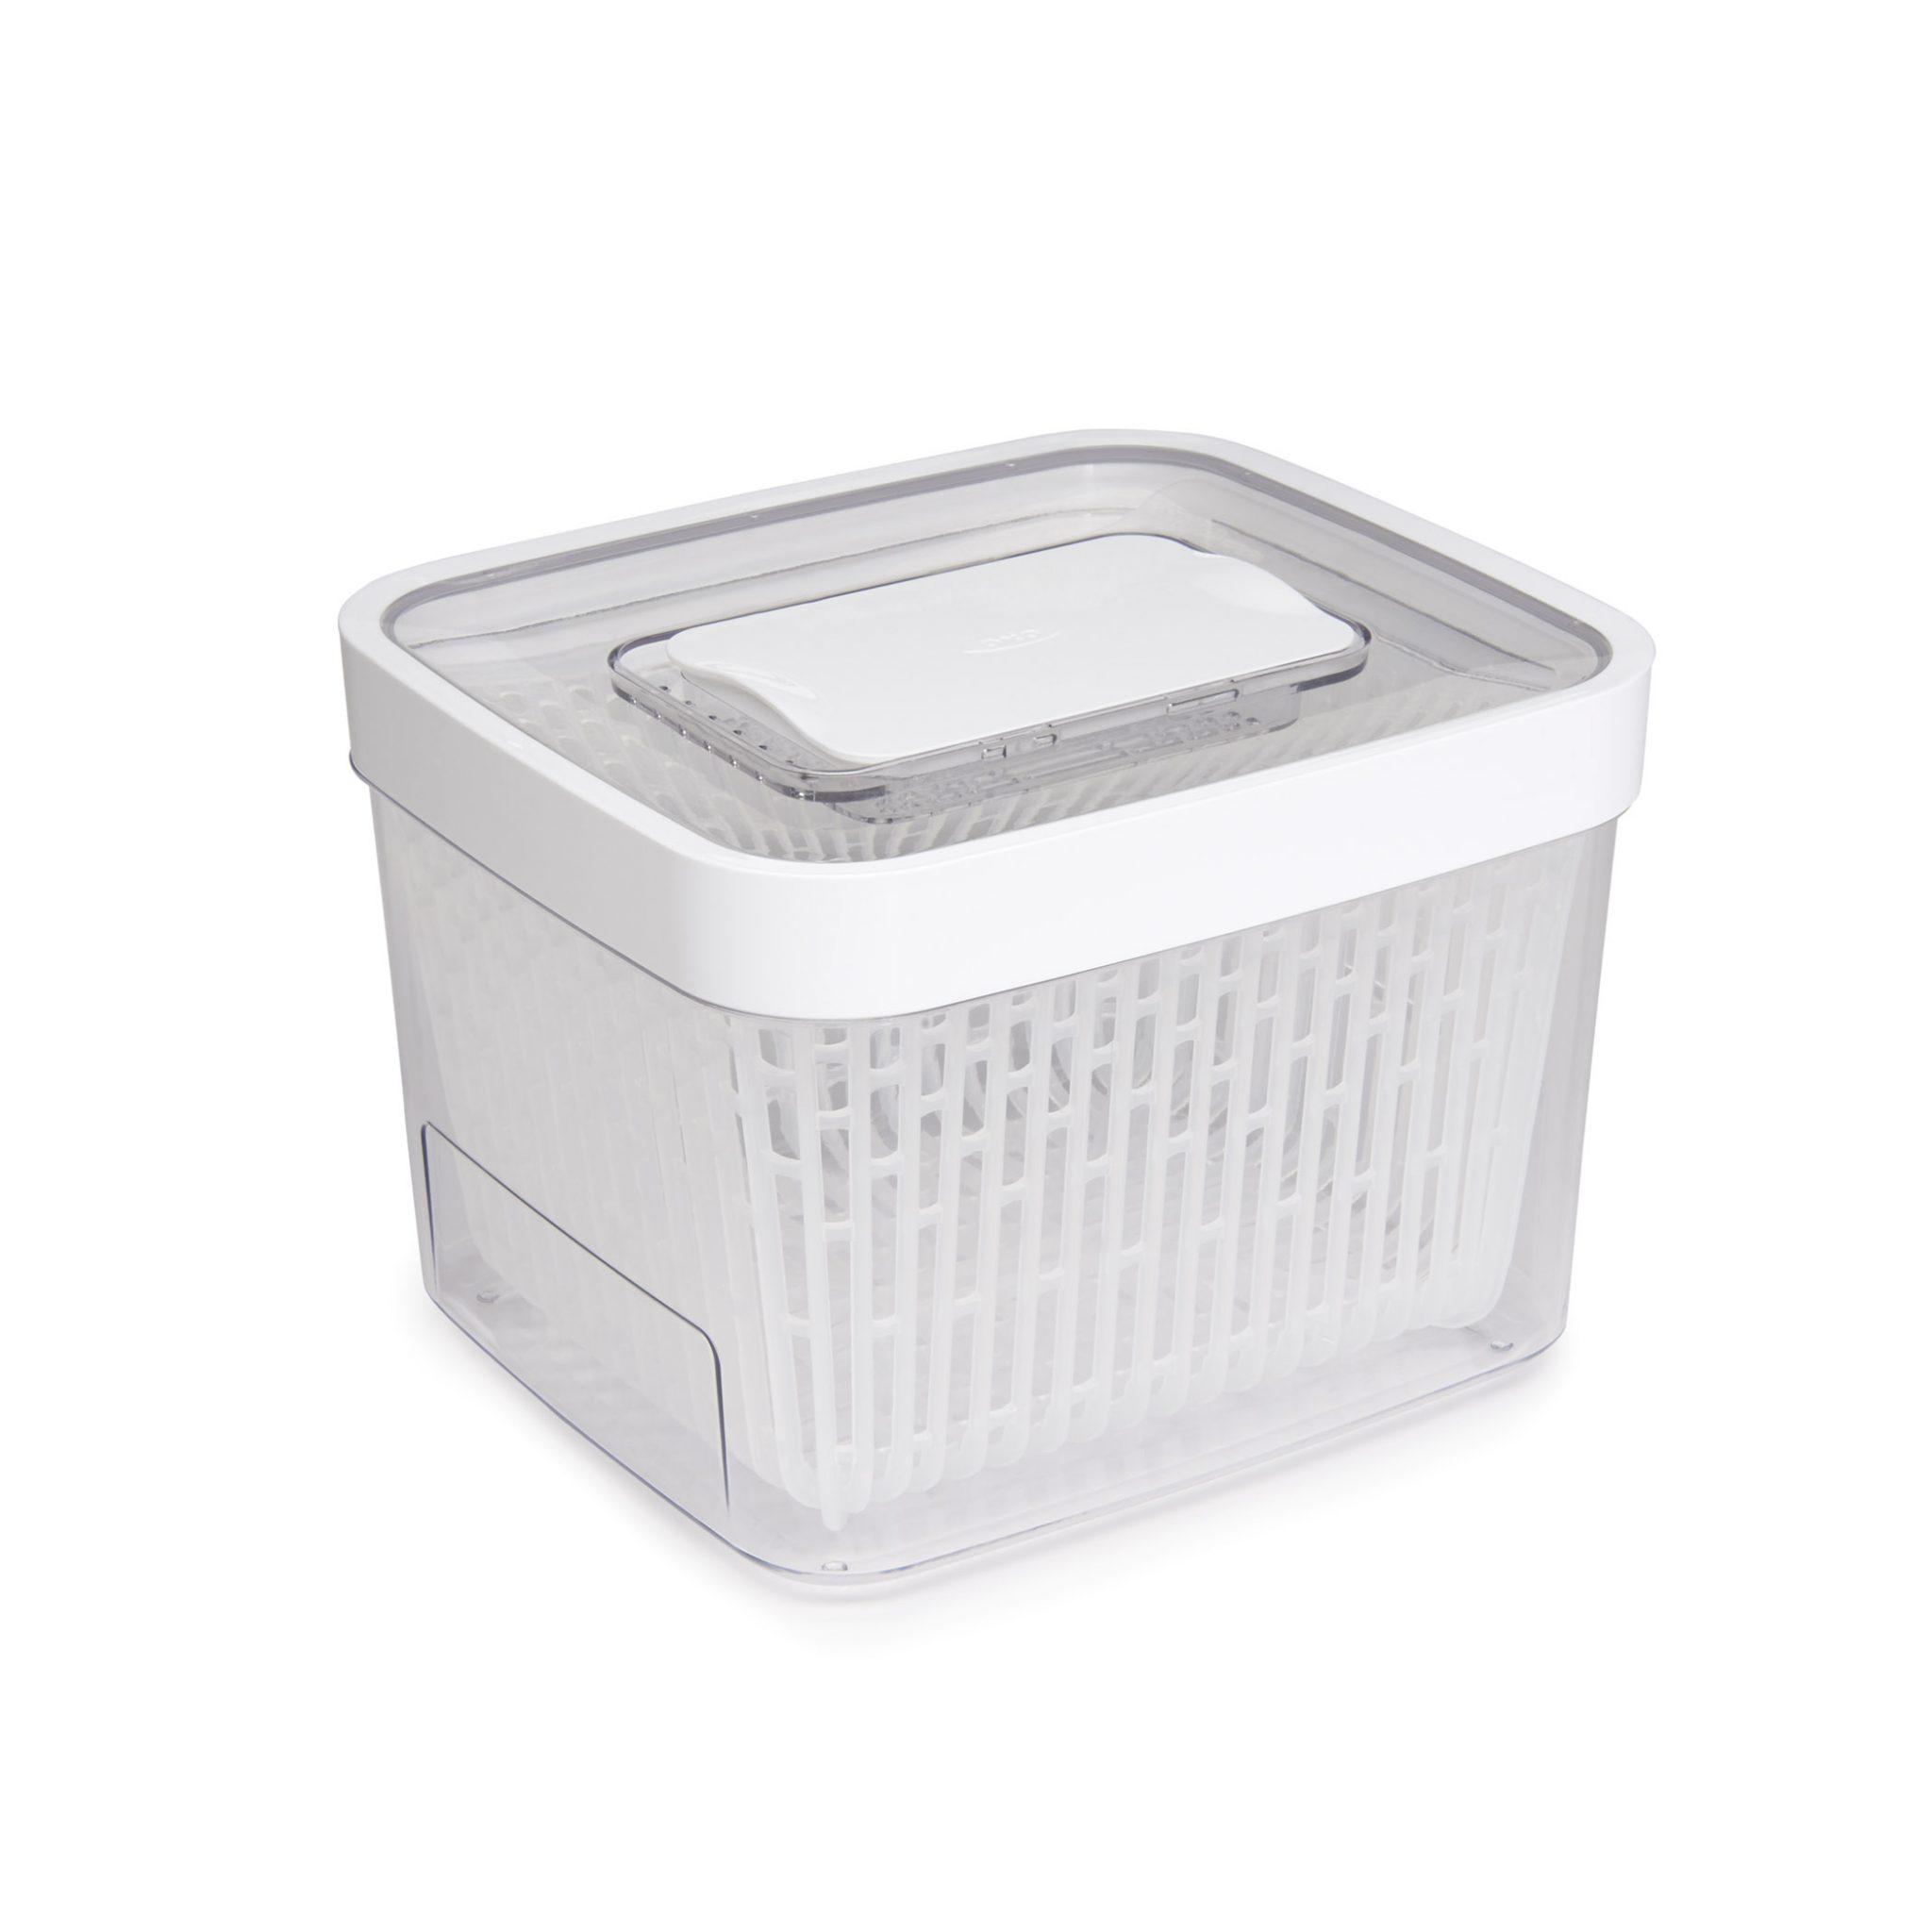 美國 OXO 蔬果活性碳長鮮盒